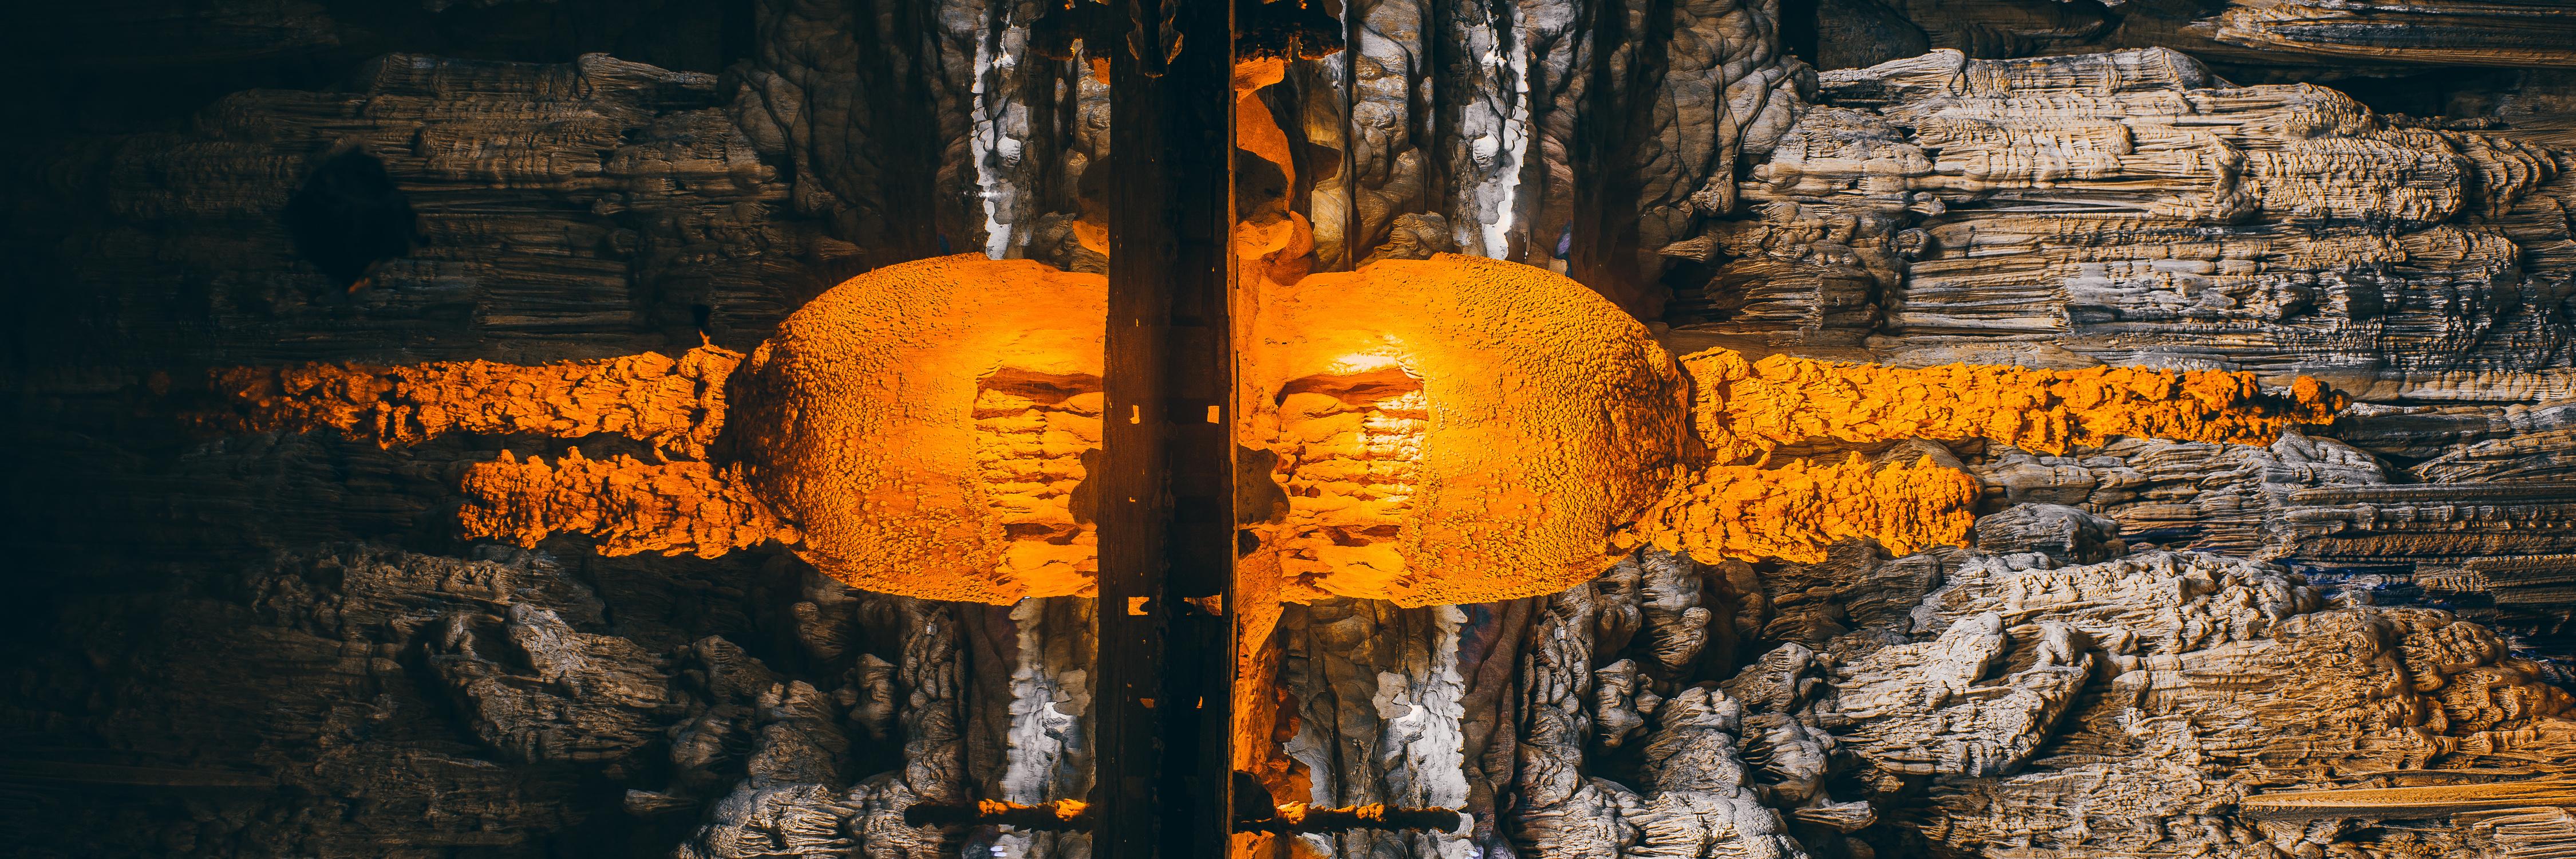 贵州织金洞里的地下奇幻世界,每一处都令人叫绝